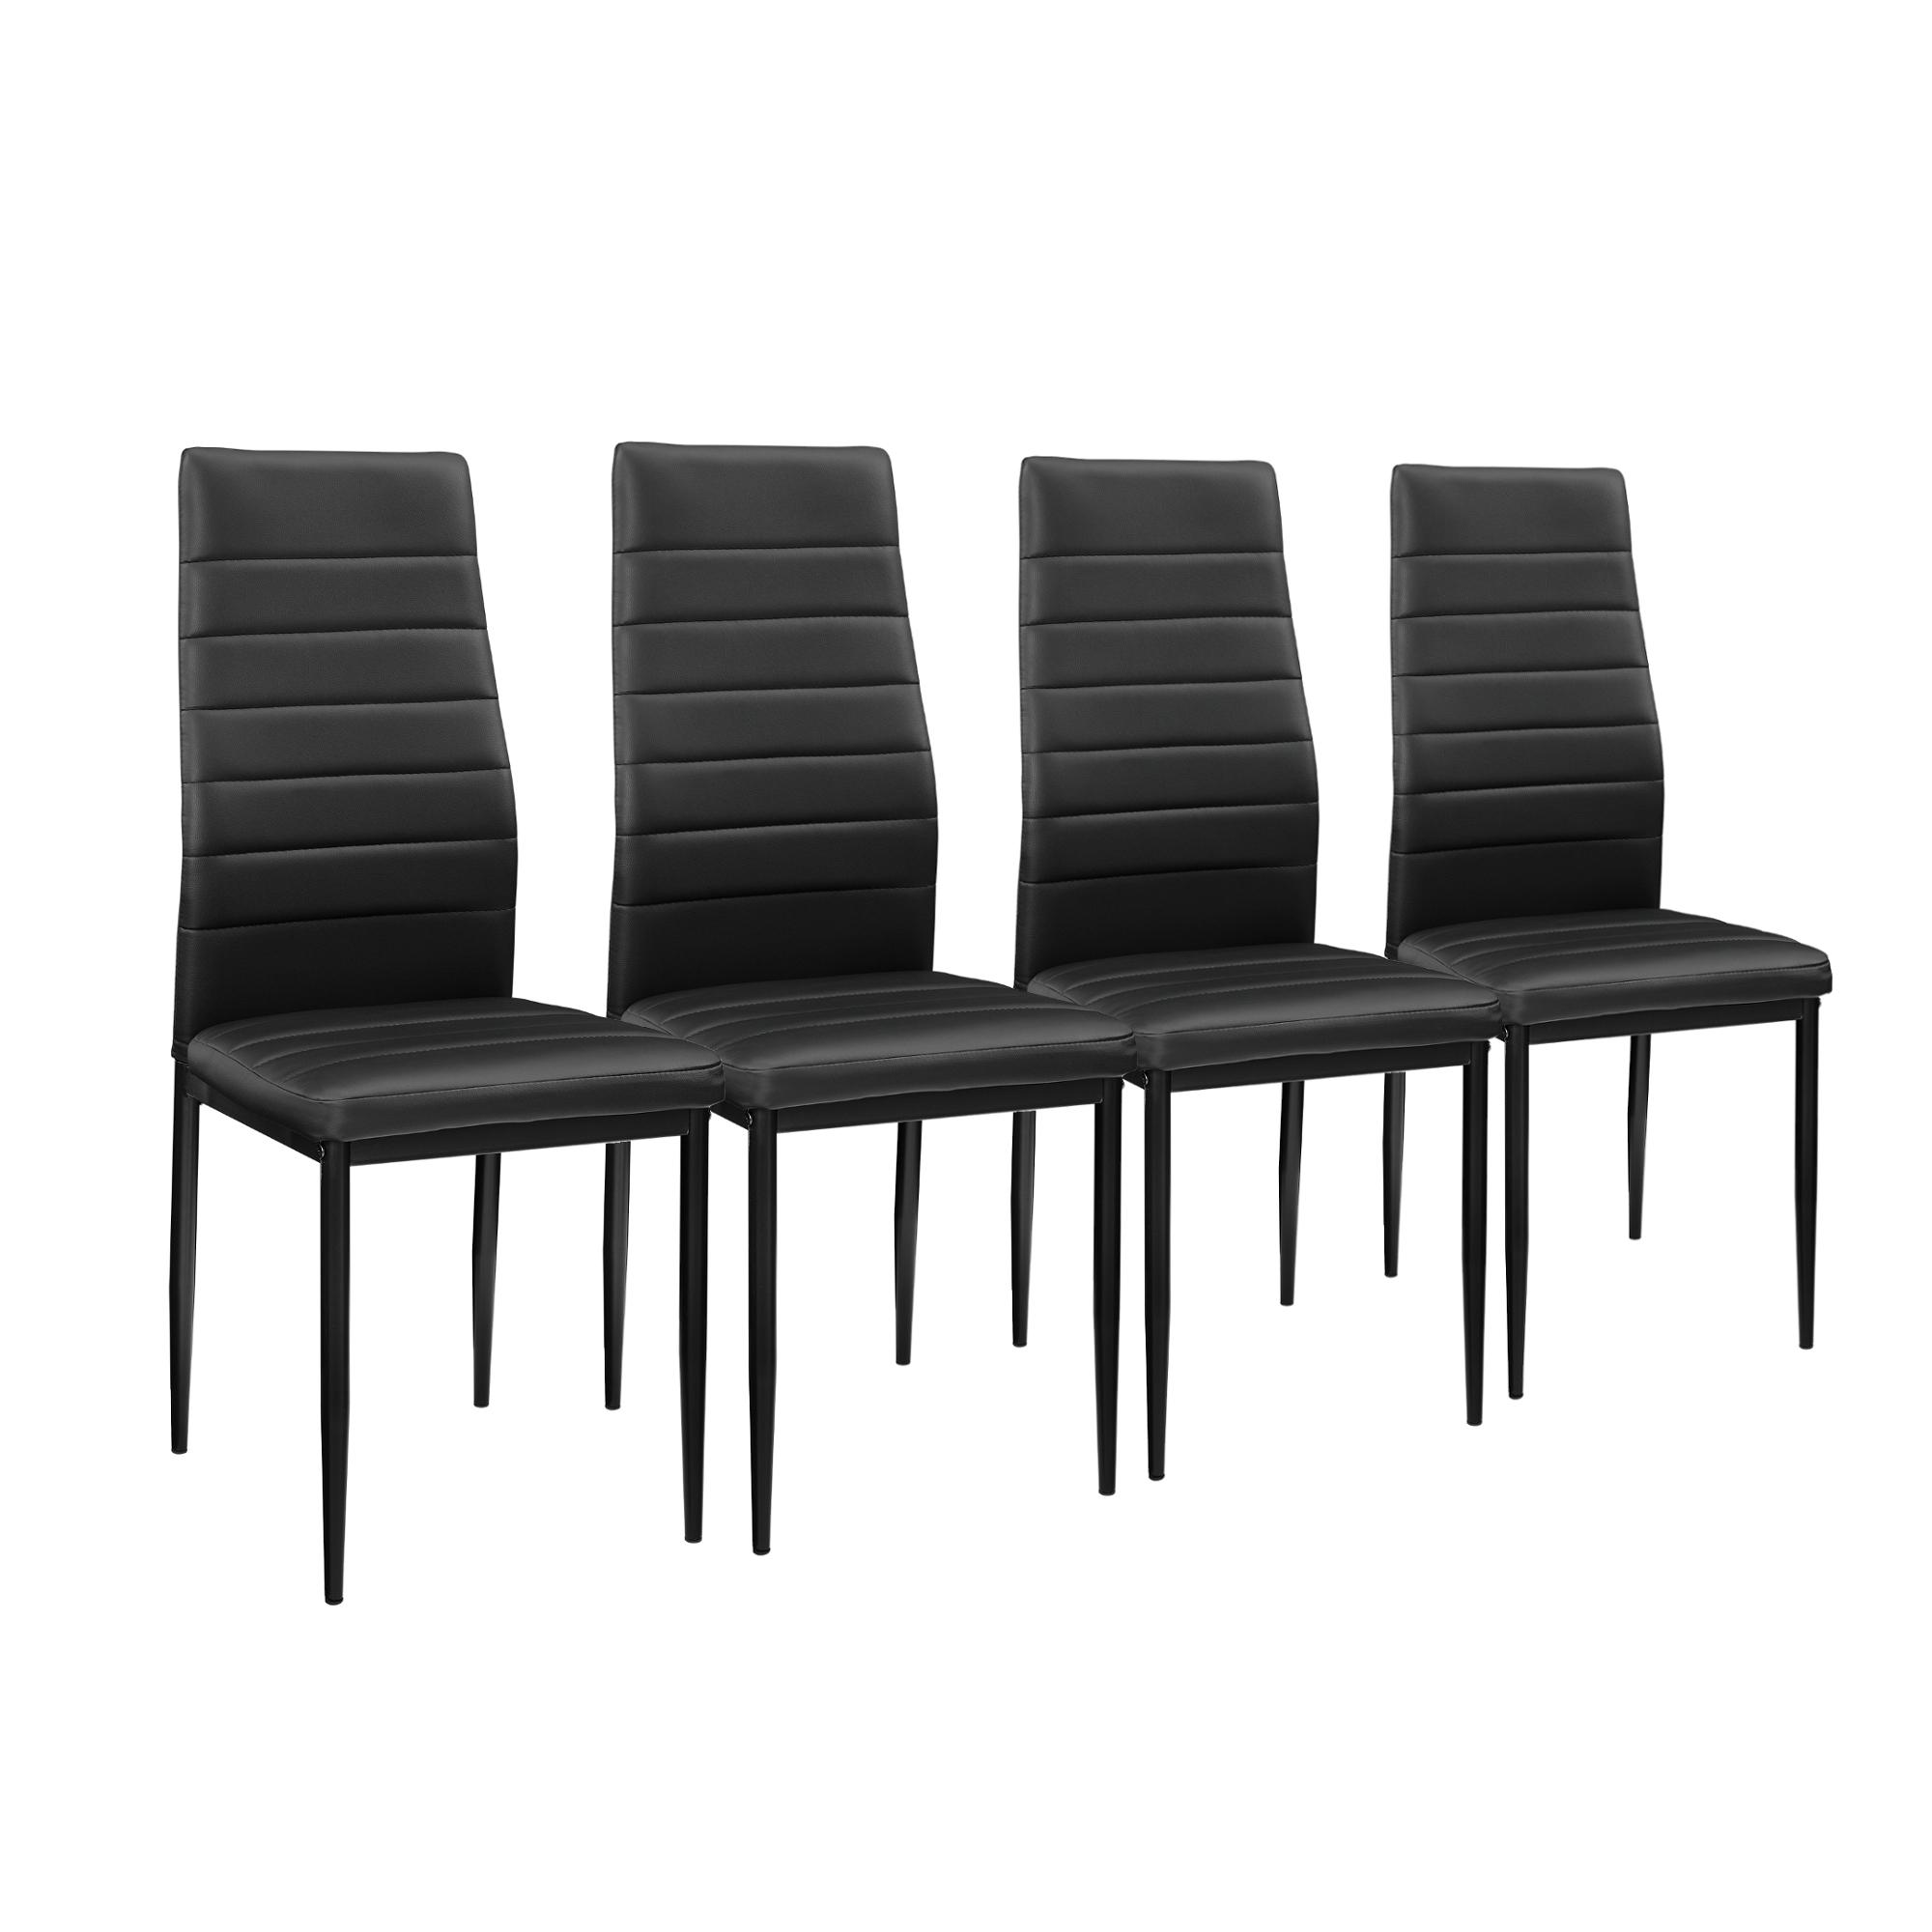 [en.casa]® Esstisch mit 4 Stühlen schwarz 120x60cm Küchentisch Esszimmertisch